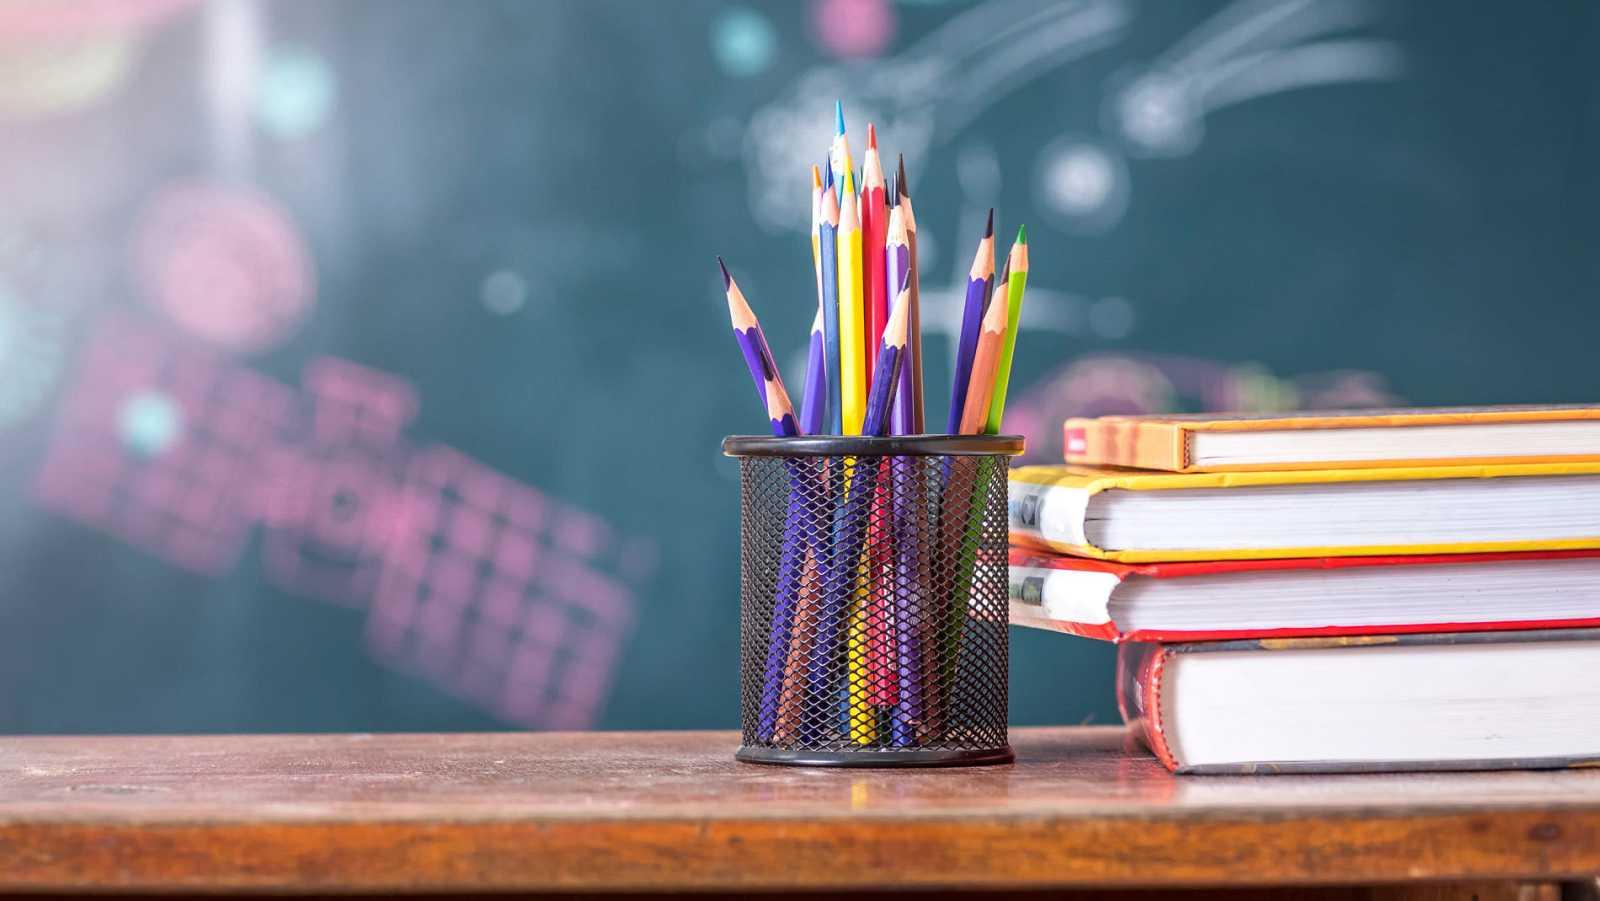 Discrepancias en la comunidad educativa ante la 'Ley Celaá': unos saludan la medida y otros reclaman más consenso